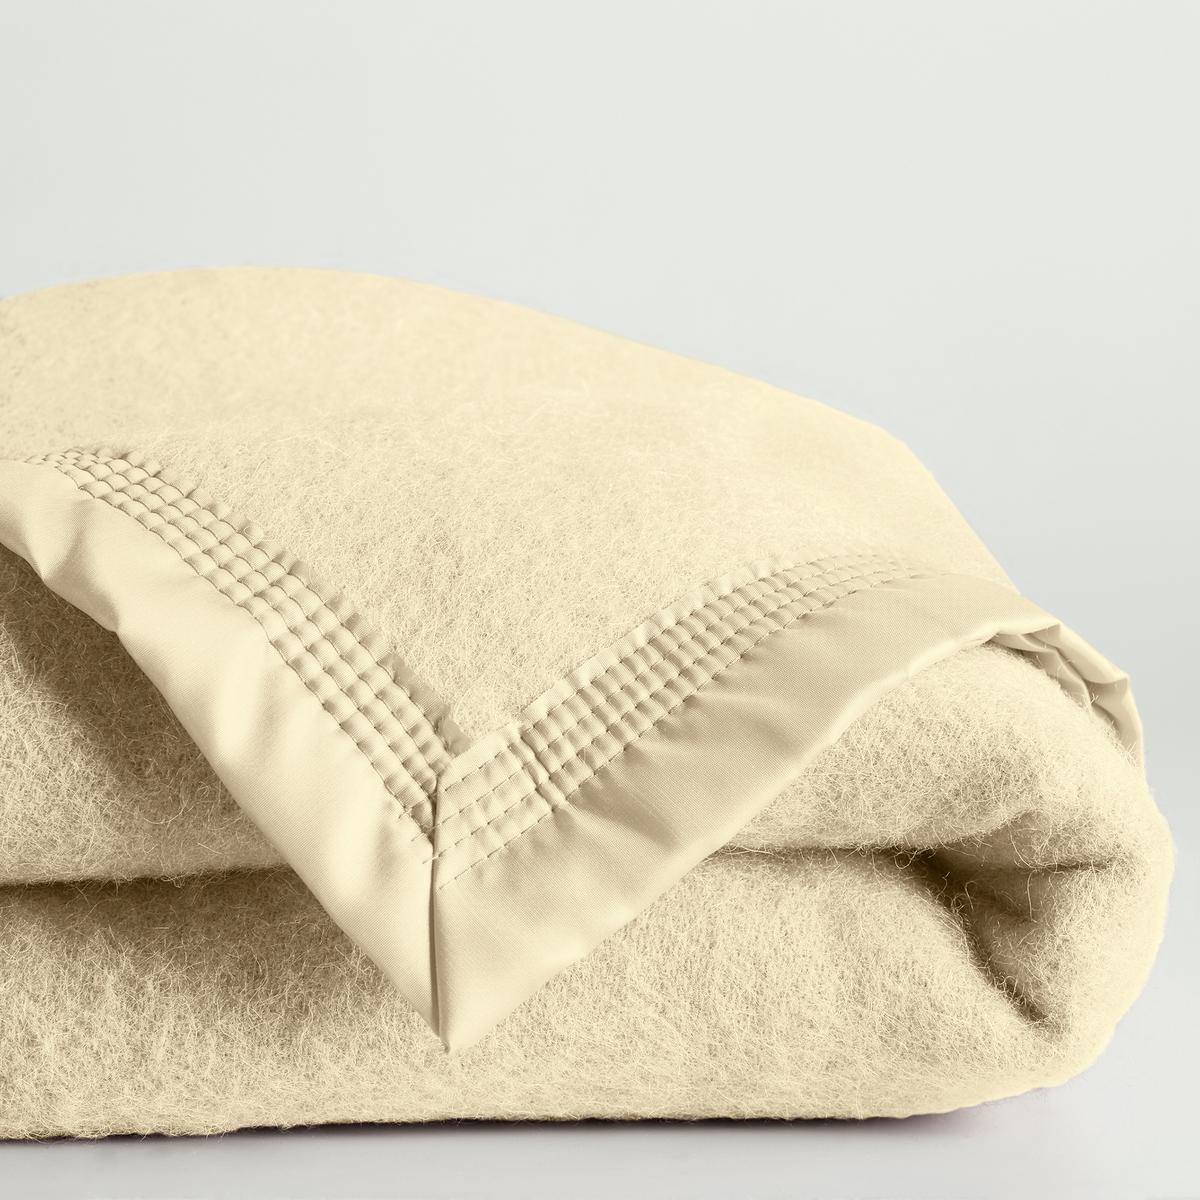 Покрывало 350 г/м? из 100% шерсти WoolmarkНатуральный и аутентичный материал.Характеристики покрывала :- 100% чистая шерсть Woolmark, валяная и промытая, широкая атласная кайма (100% полиамид), прошитая 4 укрепленными на каждом углу строчками для большей прочности.Модель для детской кровати (75x100 см) без атласной каймы с подрубленными краями.- Идеально подходит для слабо отапливаемых комнат (15-18 °С).- Рекомендована сухая чистка..<br><br>Цвет: розовый смородина,серо-коричневый каштан,серый,синий,слоновая кость<br>Размер: 75 x 100  см.75 x 100  см.75 x 100  см